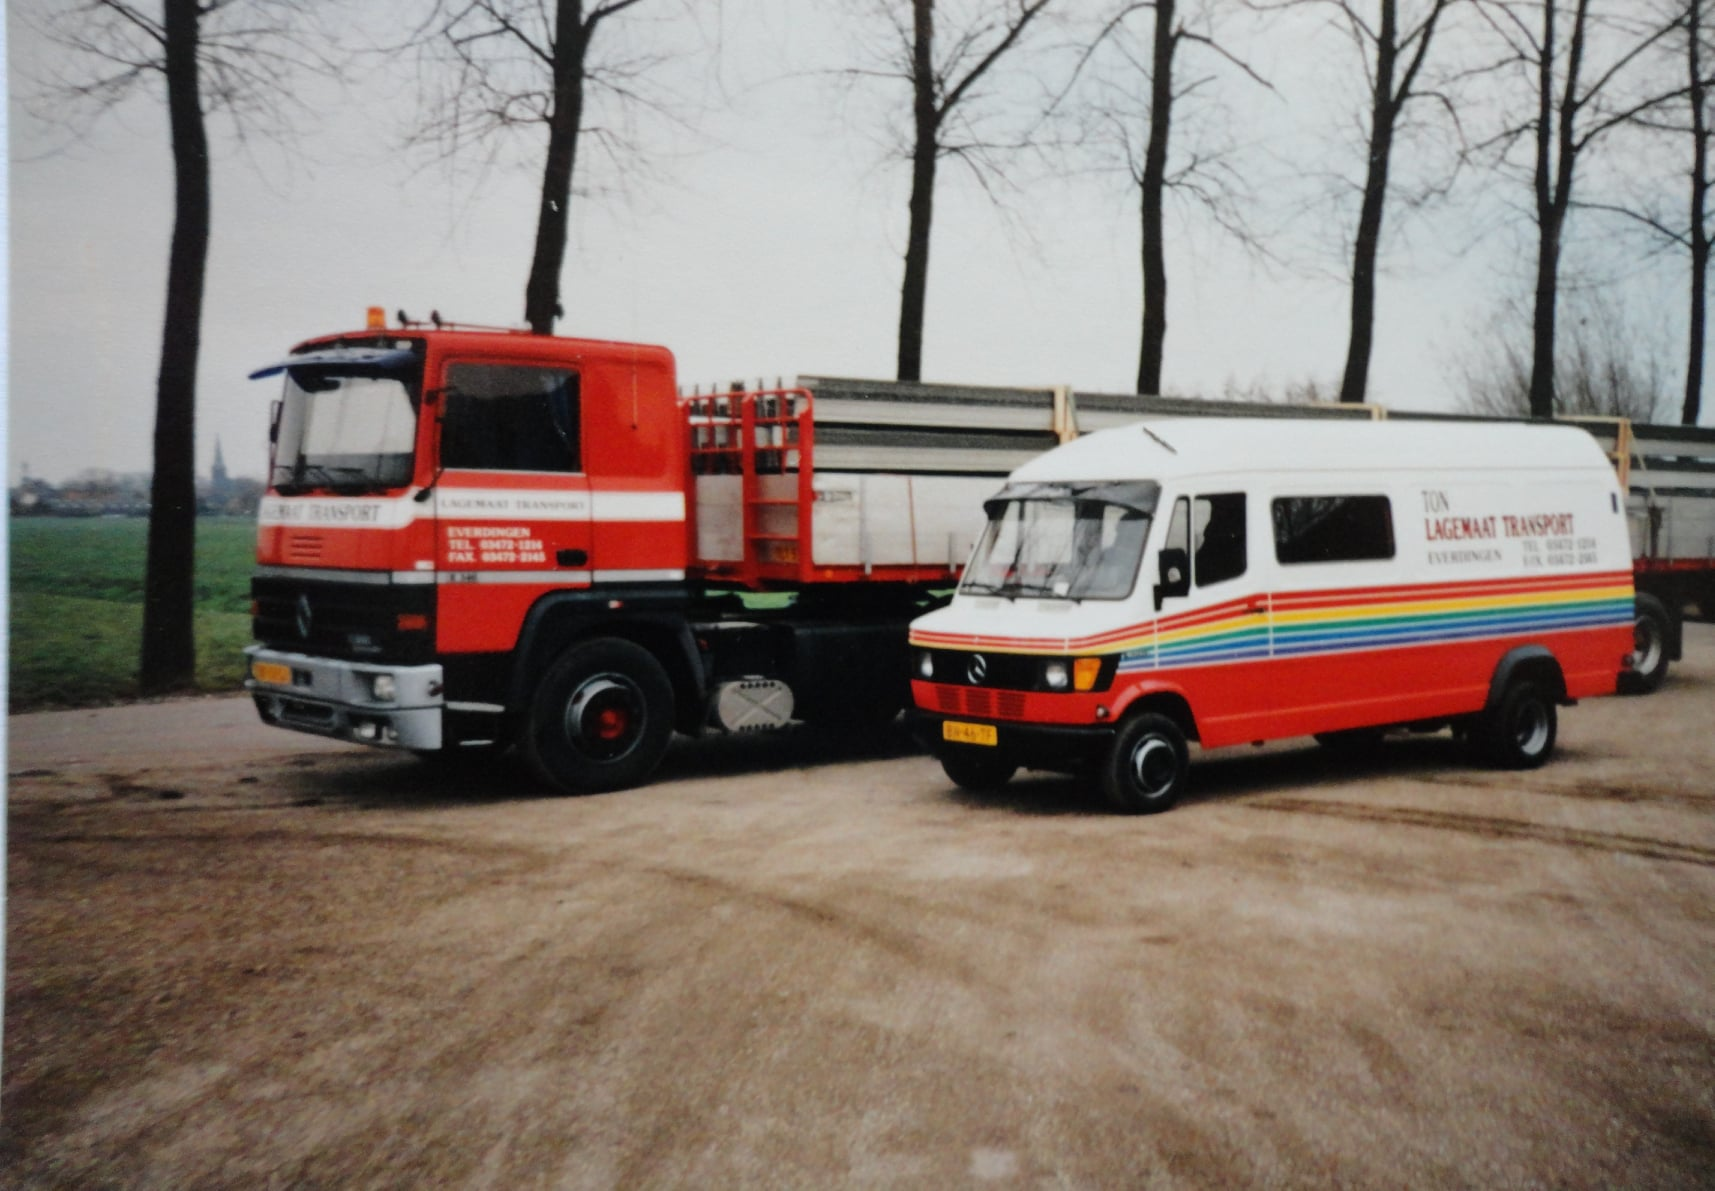 nu-met-de-naam-Ton-v-d-Lagemaat---Jan-Groen-foto-archief-(2)